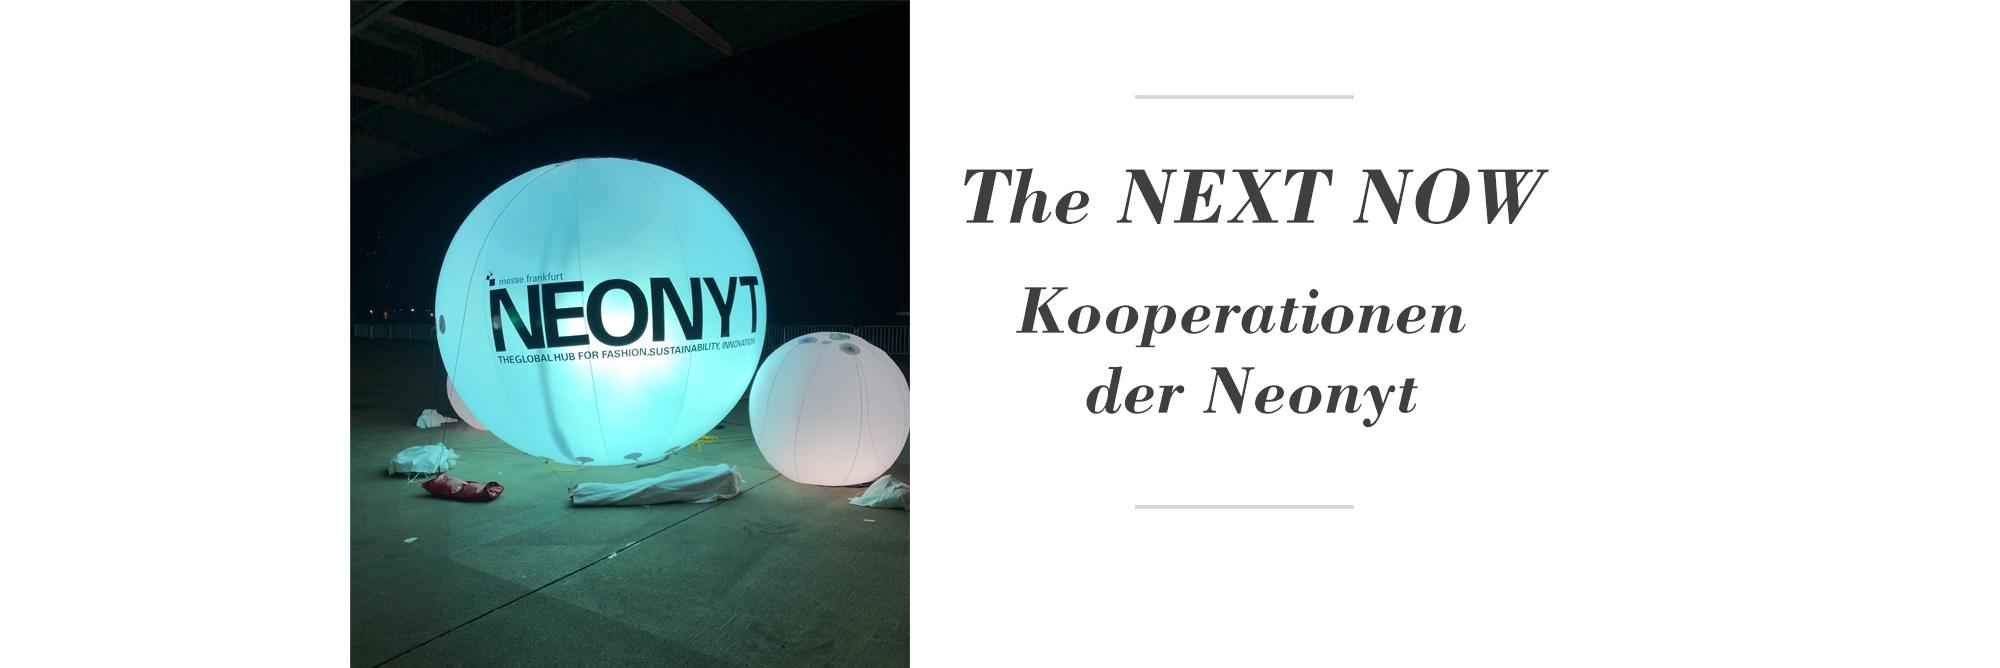 The NEXT NOW: Kooperationen der Neonyt